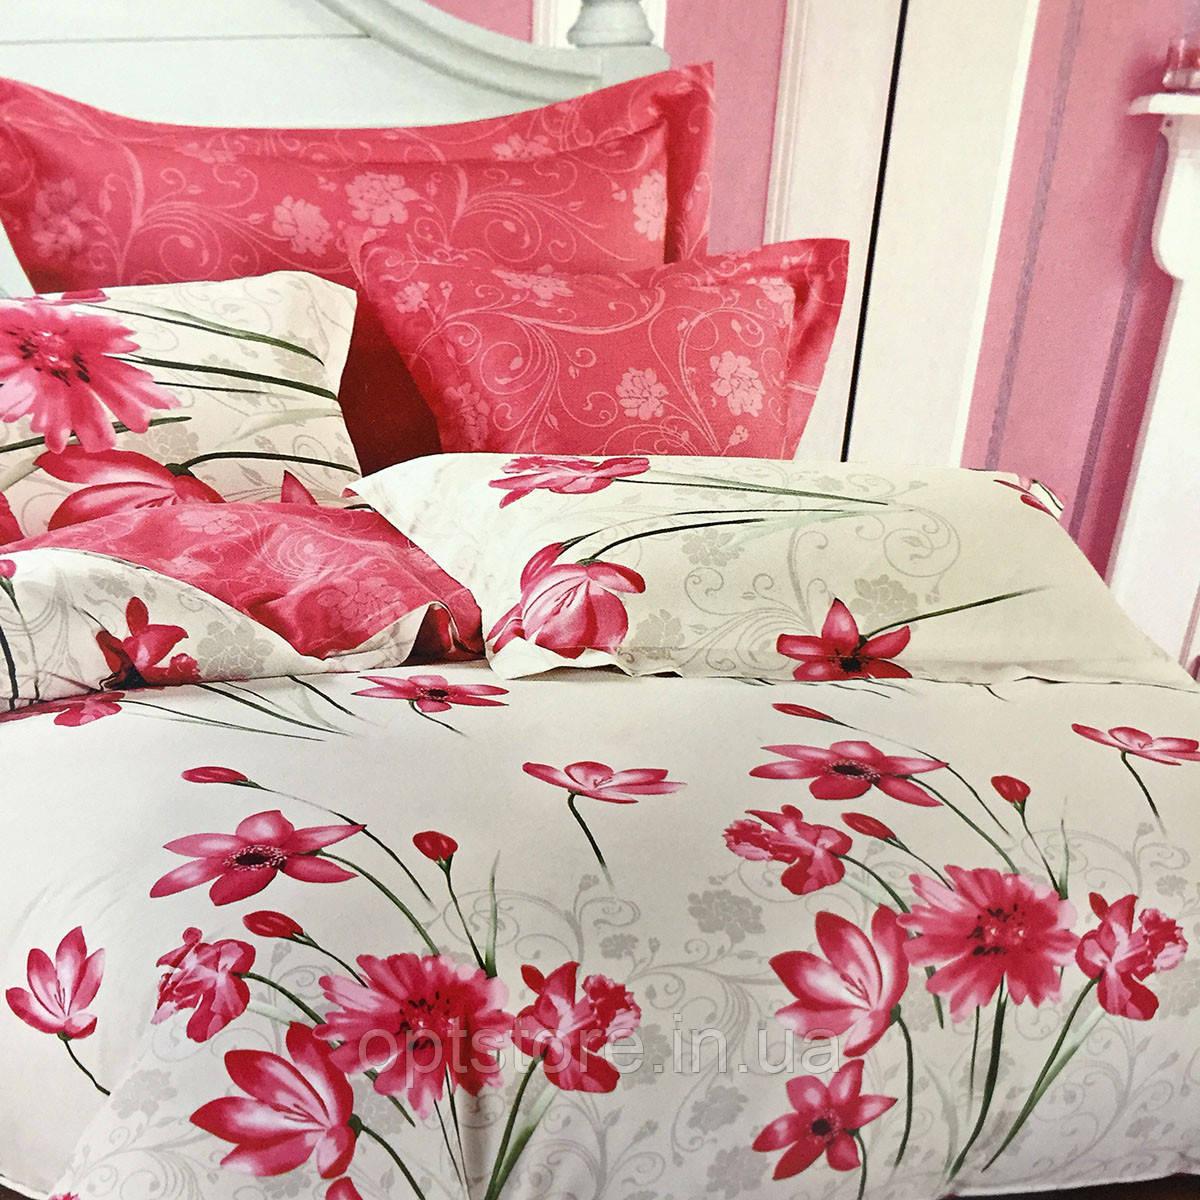 """""""цветы"""" постельное белье Elway Premium полуторный размер 160*220 см,ткань сатин 100% хлопок"""